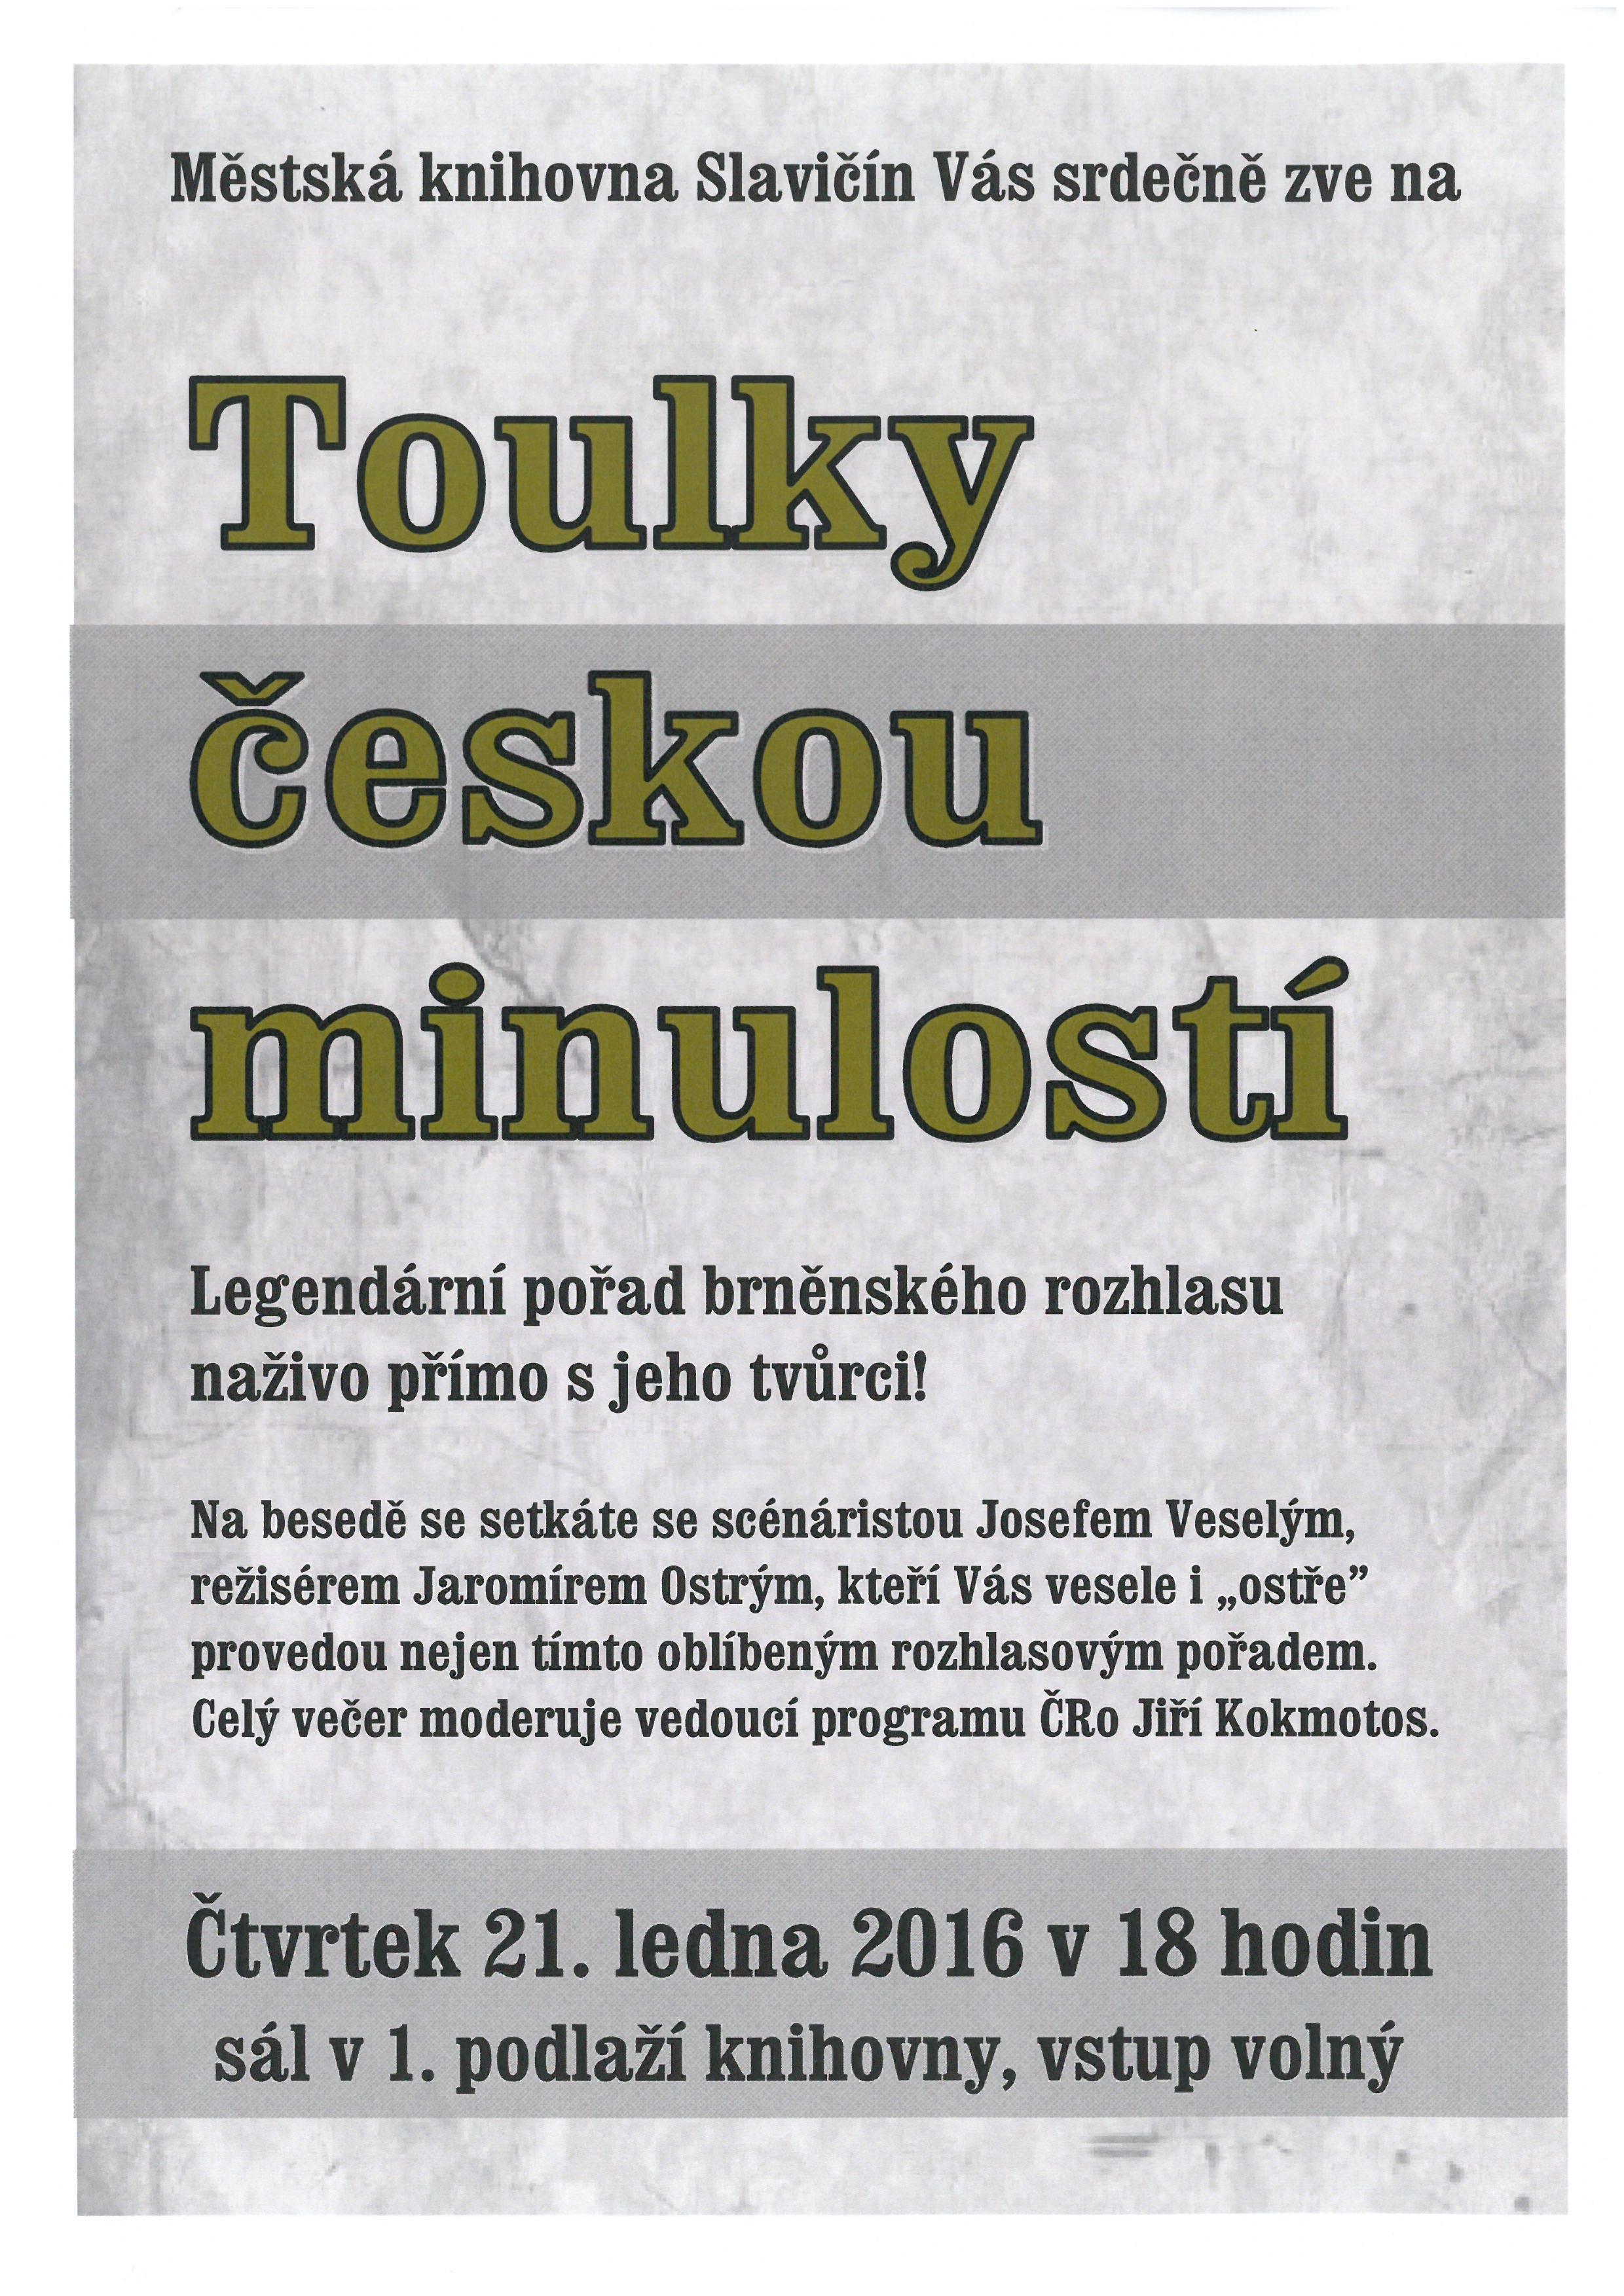 Toulky českou minulostí, obrázek se otevře v novém okně